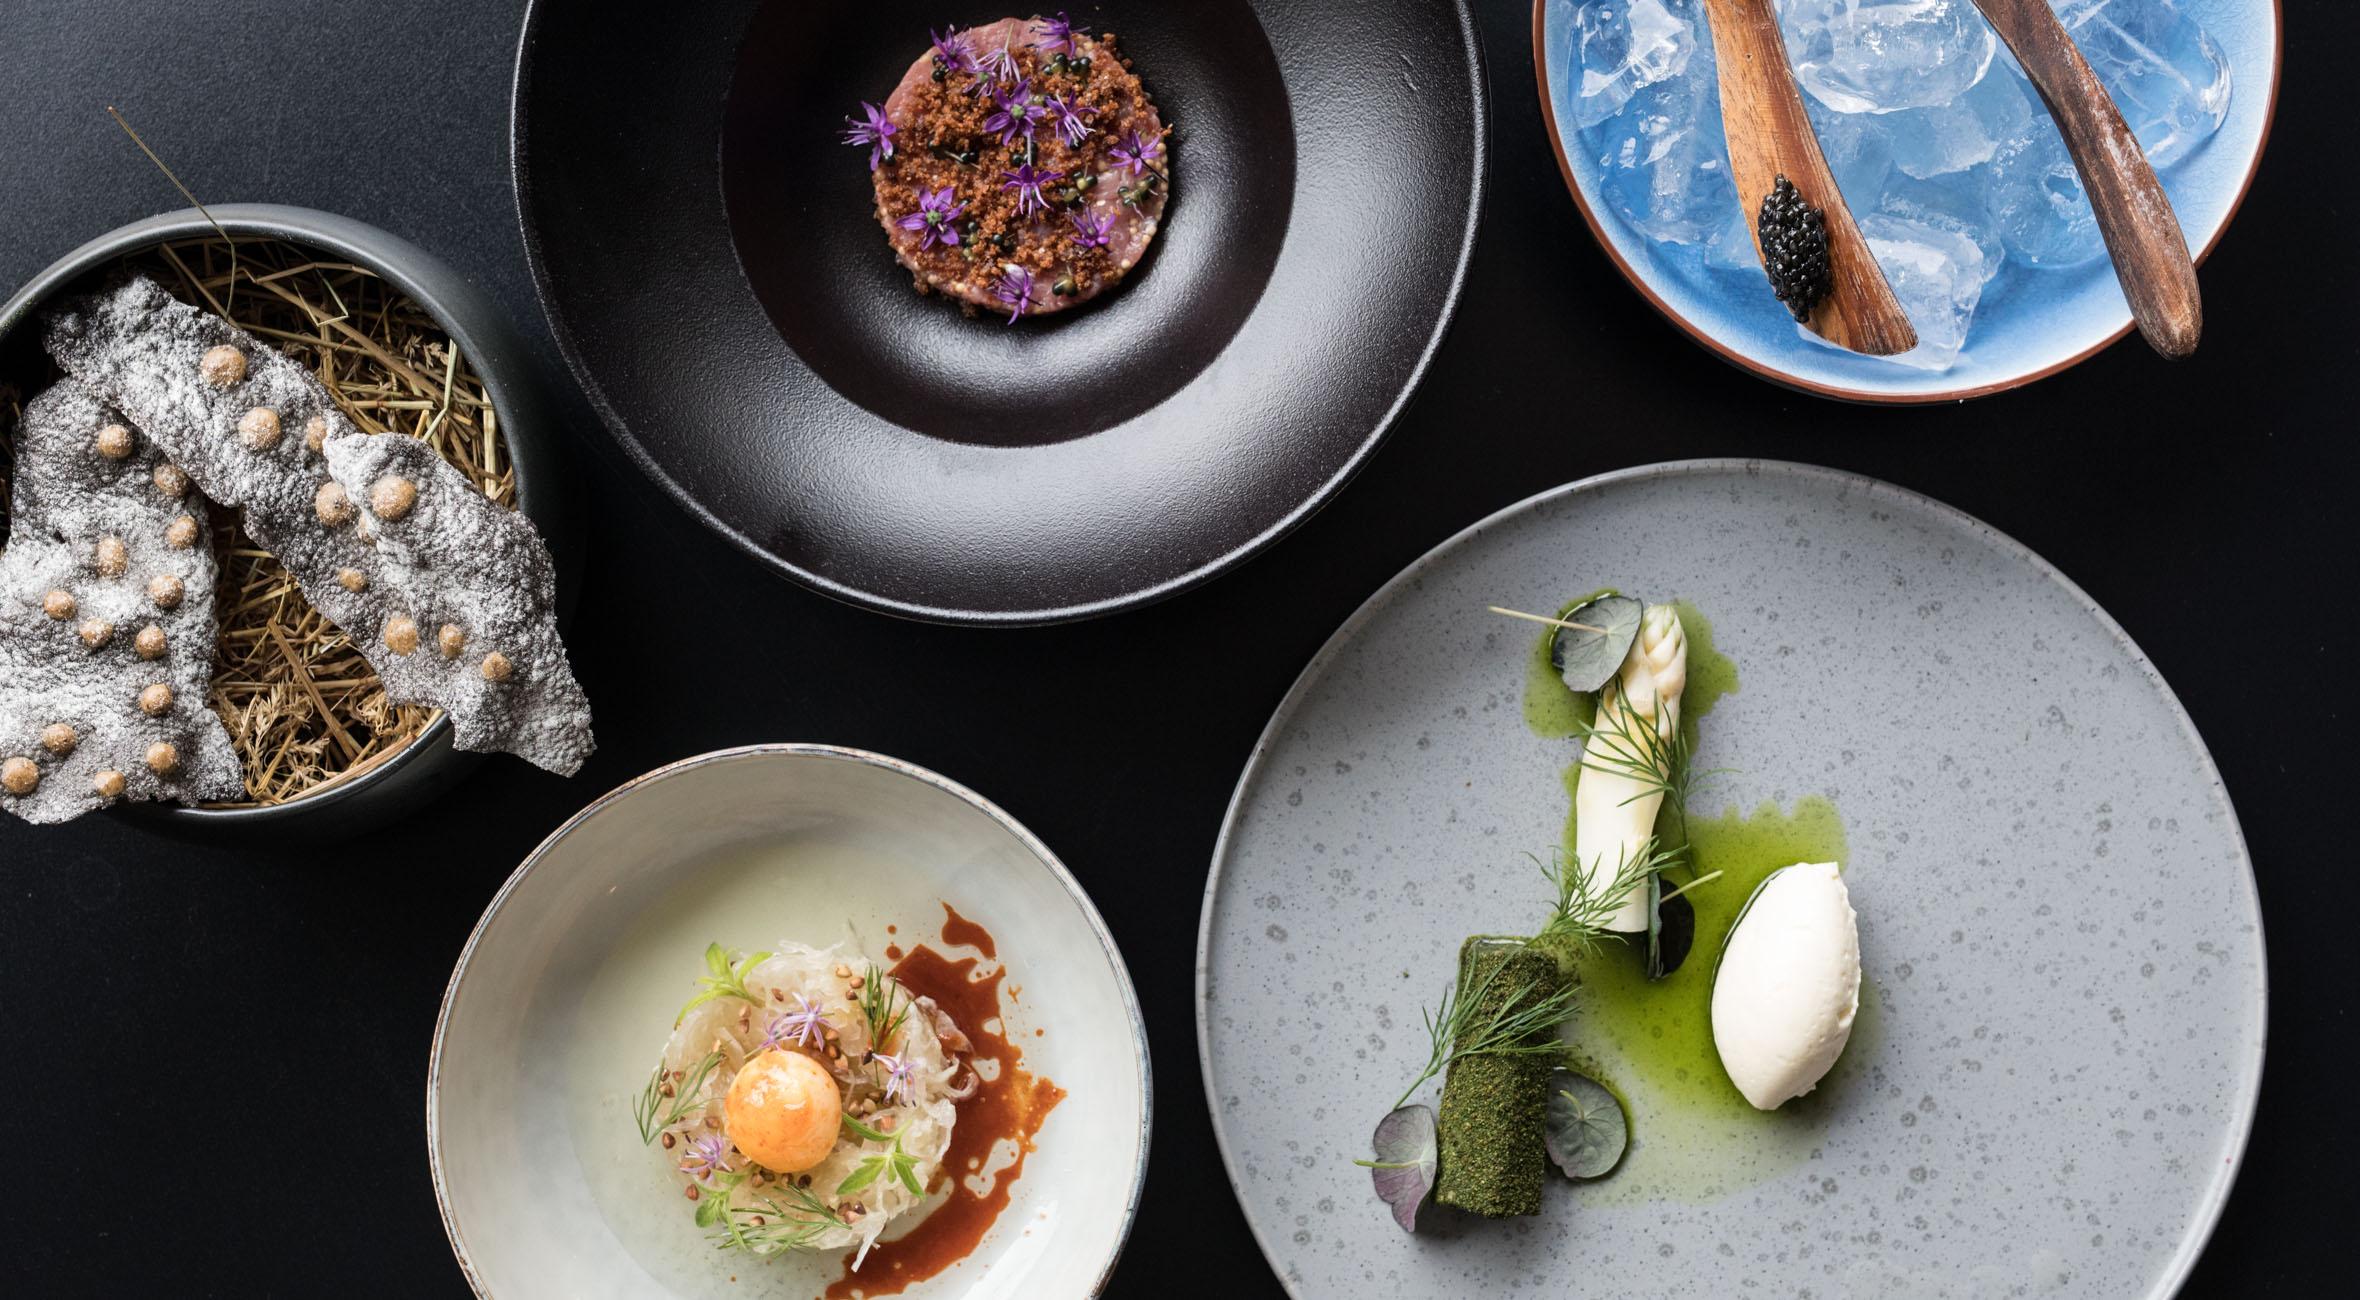 5-retters menu hos Michelin-anbefalede Restaurant Mes – Nordisk gourmet tildelt 5 stjerner af Berlingske